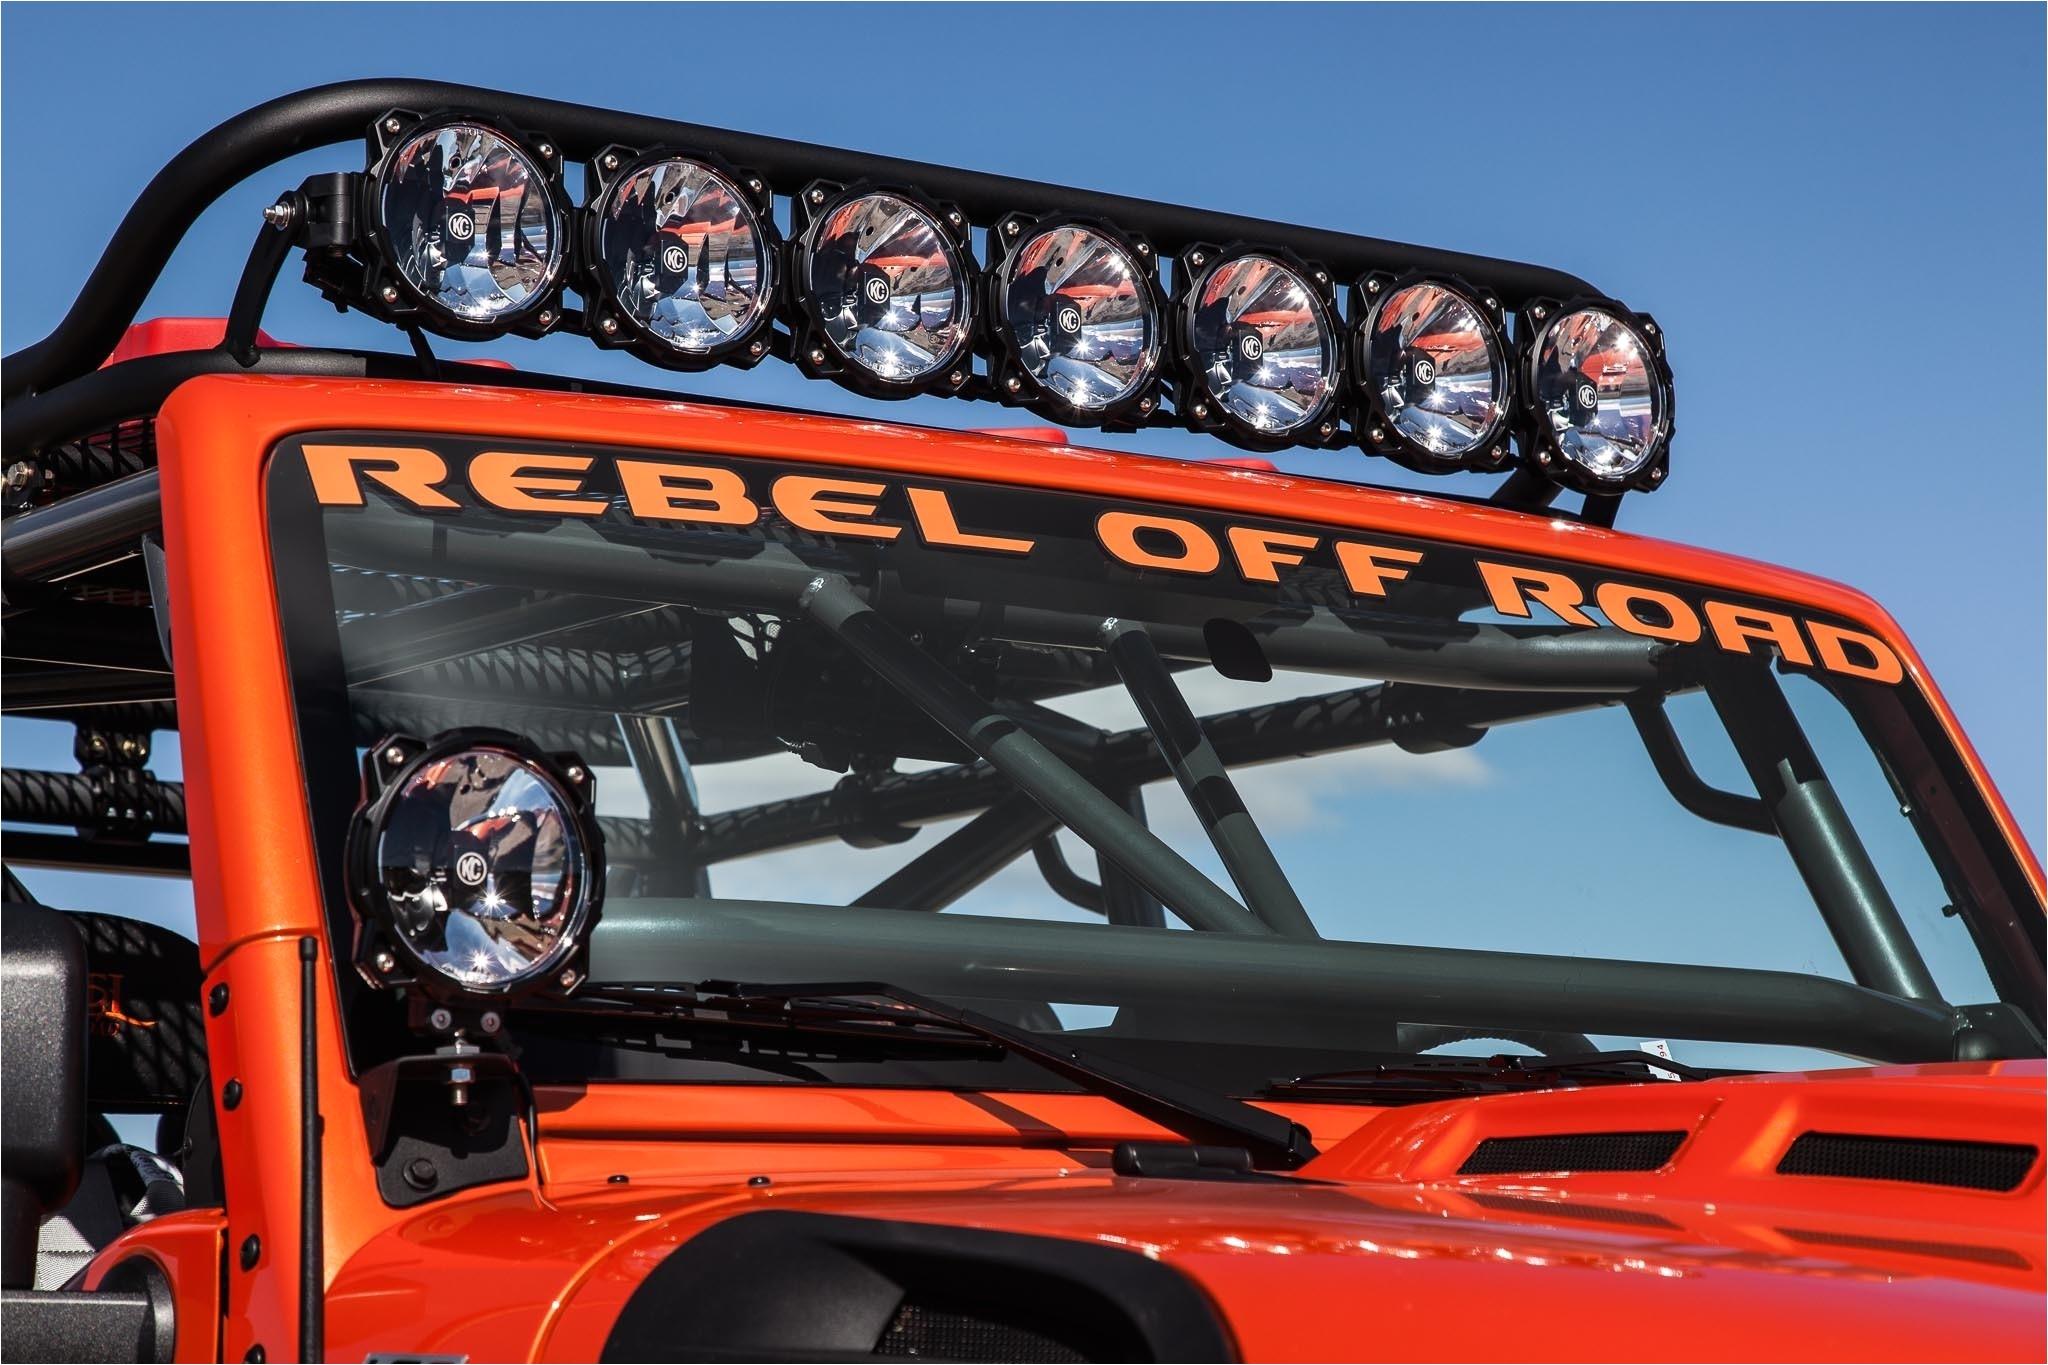 gravity led pro6 8 light 50 universal light bar system on jeep jk 07